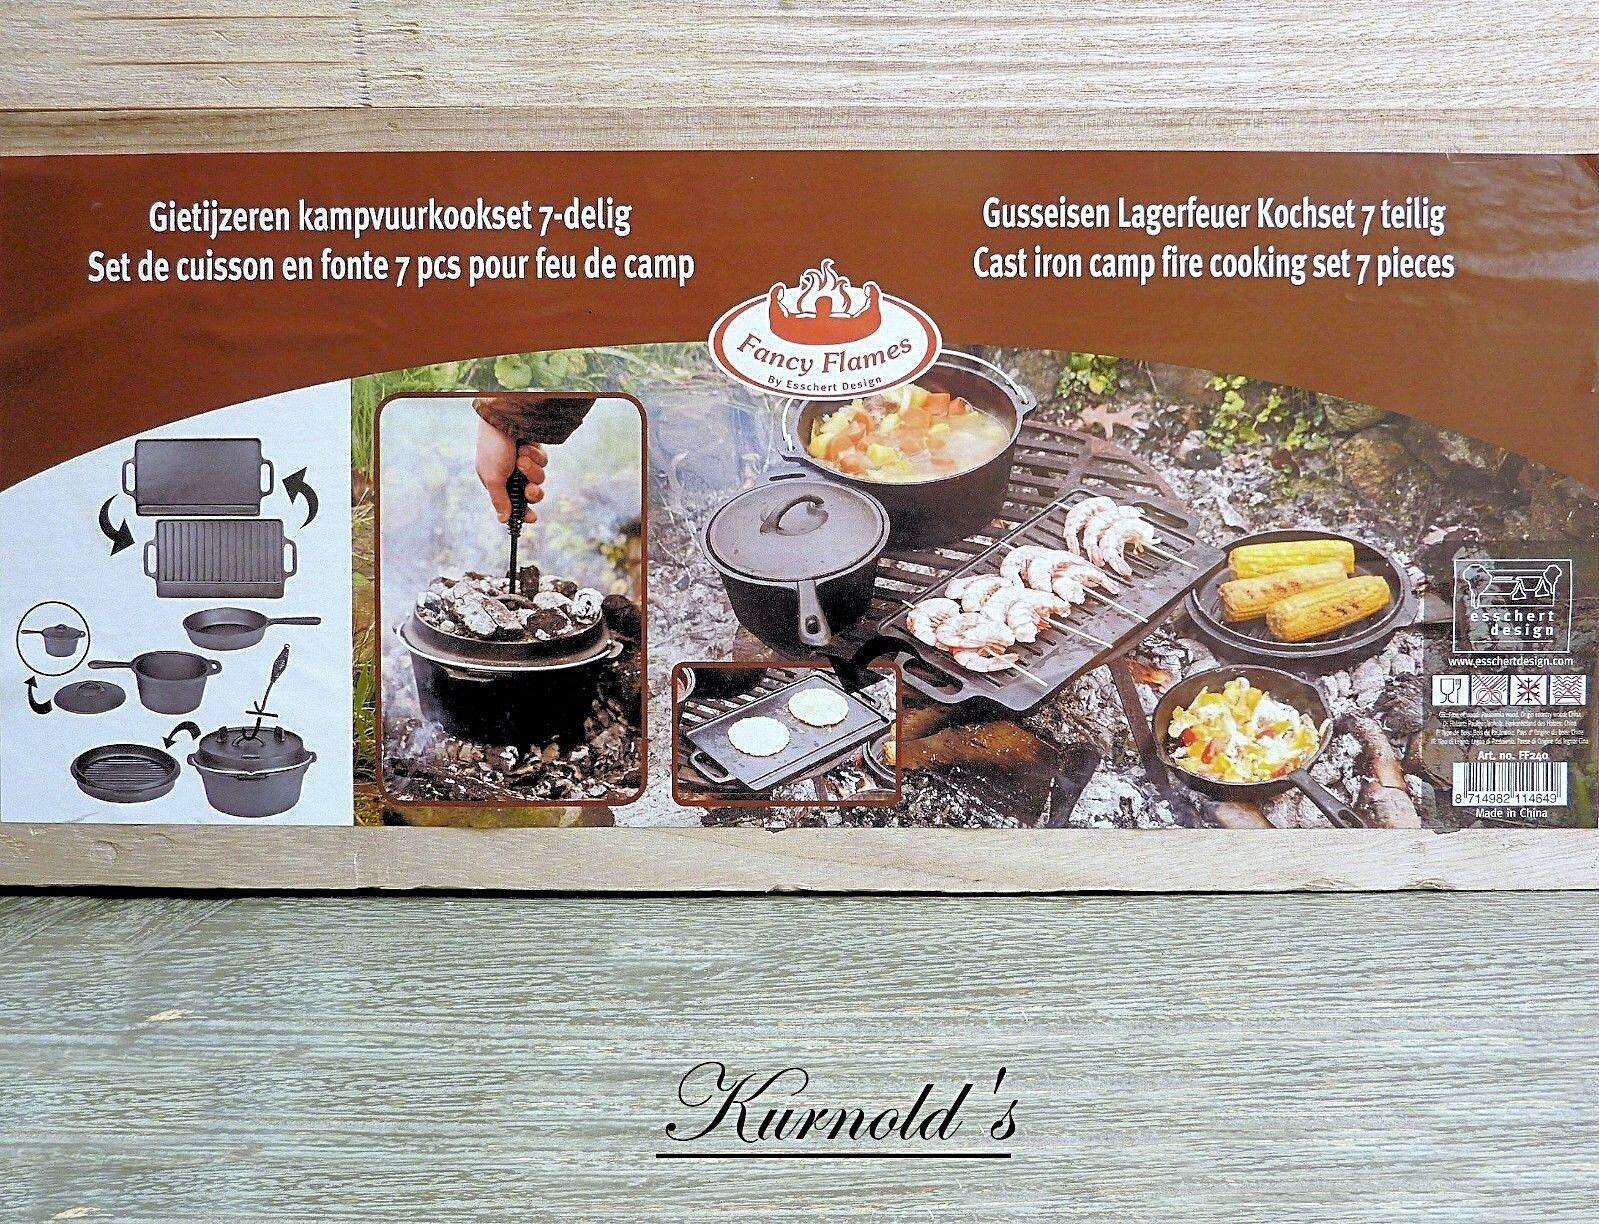 1 Dutch horno olla fuego de campamento set 7 pzas. hierro outdoor kurnolds 0188